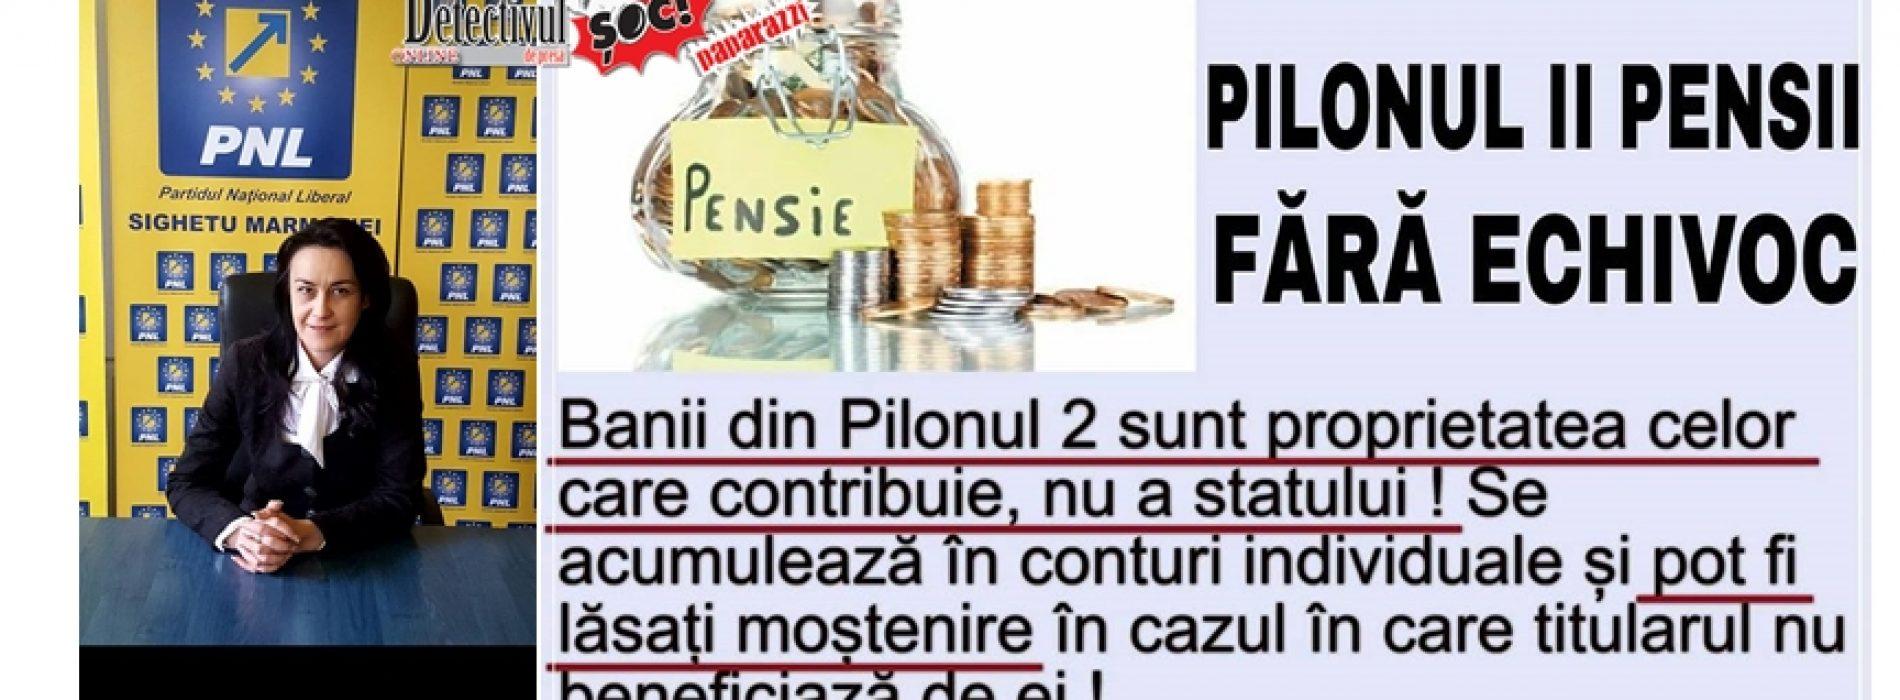 Banii din Pilonul II de Pensii sunt Proprietatea celor care contribuie, NU a Statului